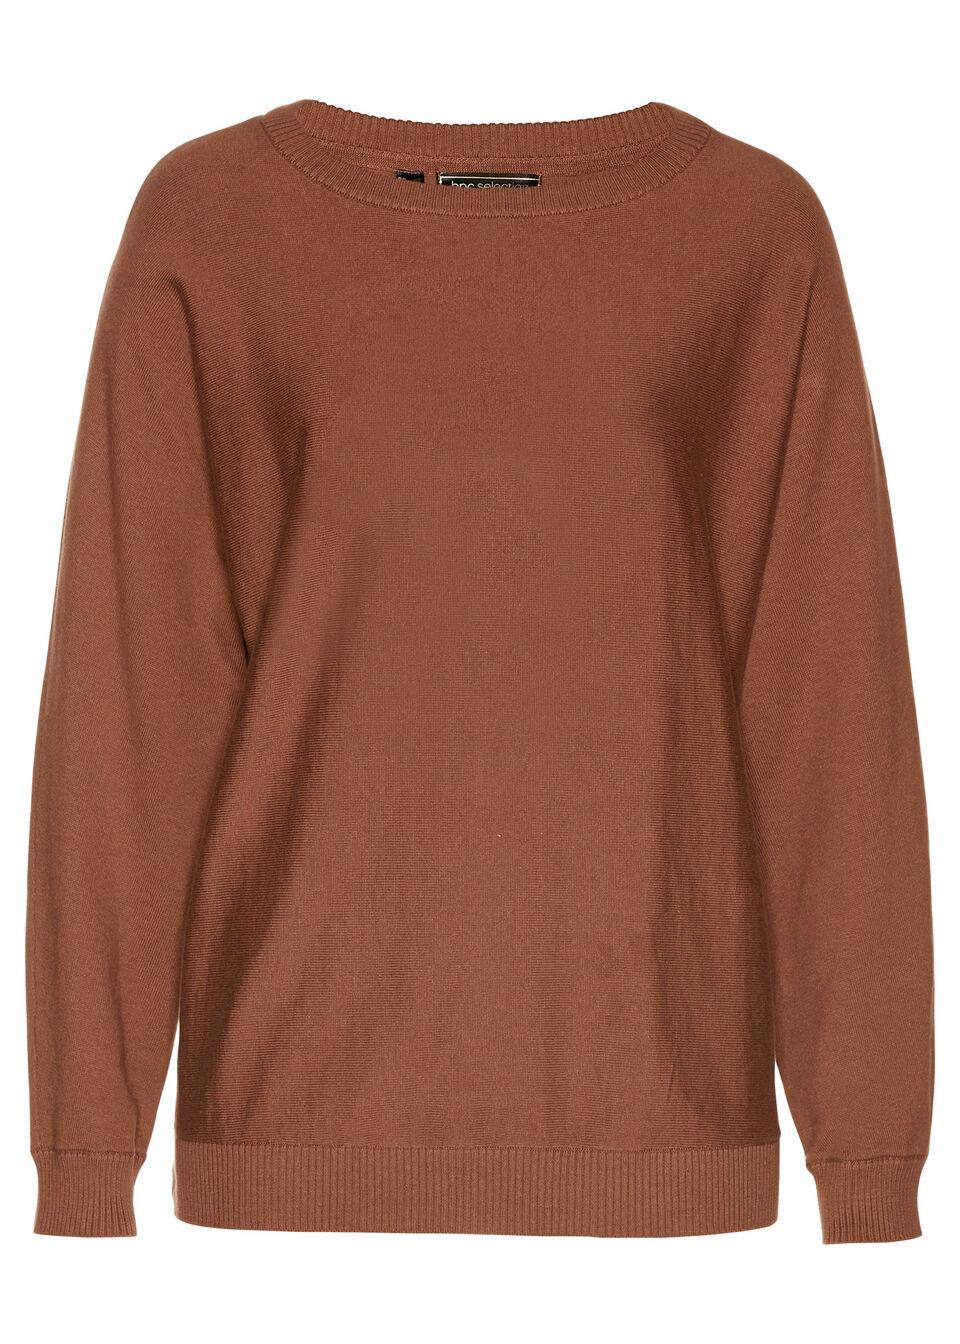 Sweter z rękawami typu nietoperz bonprix kasztanowy brąz